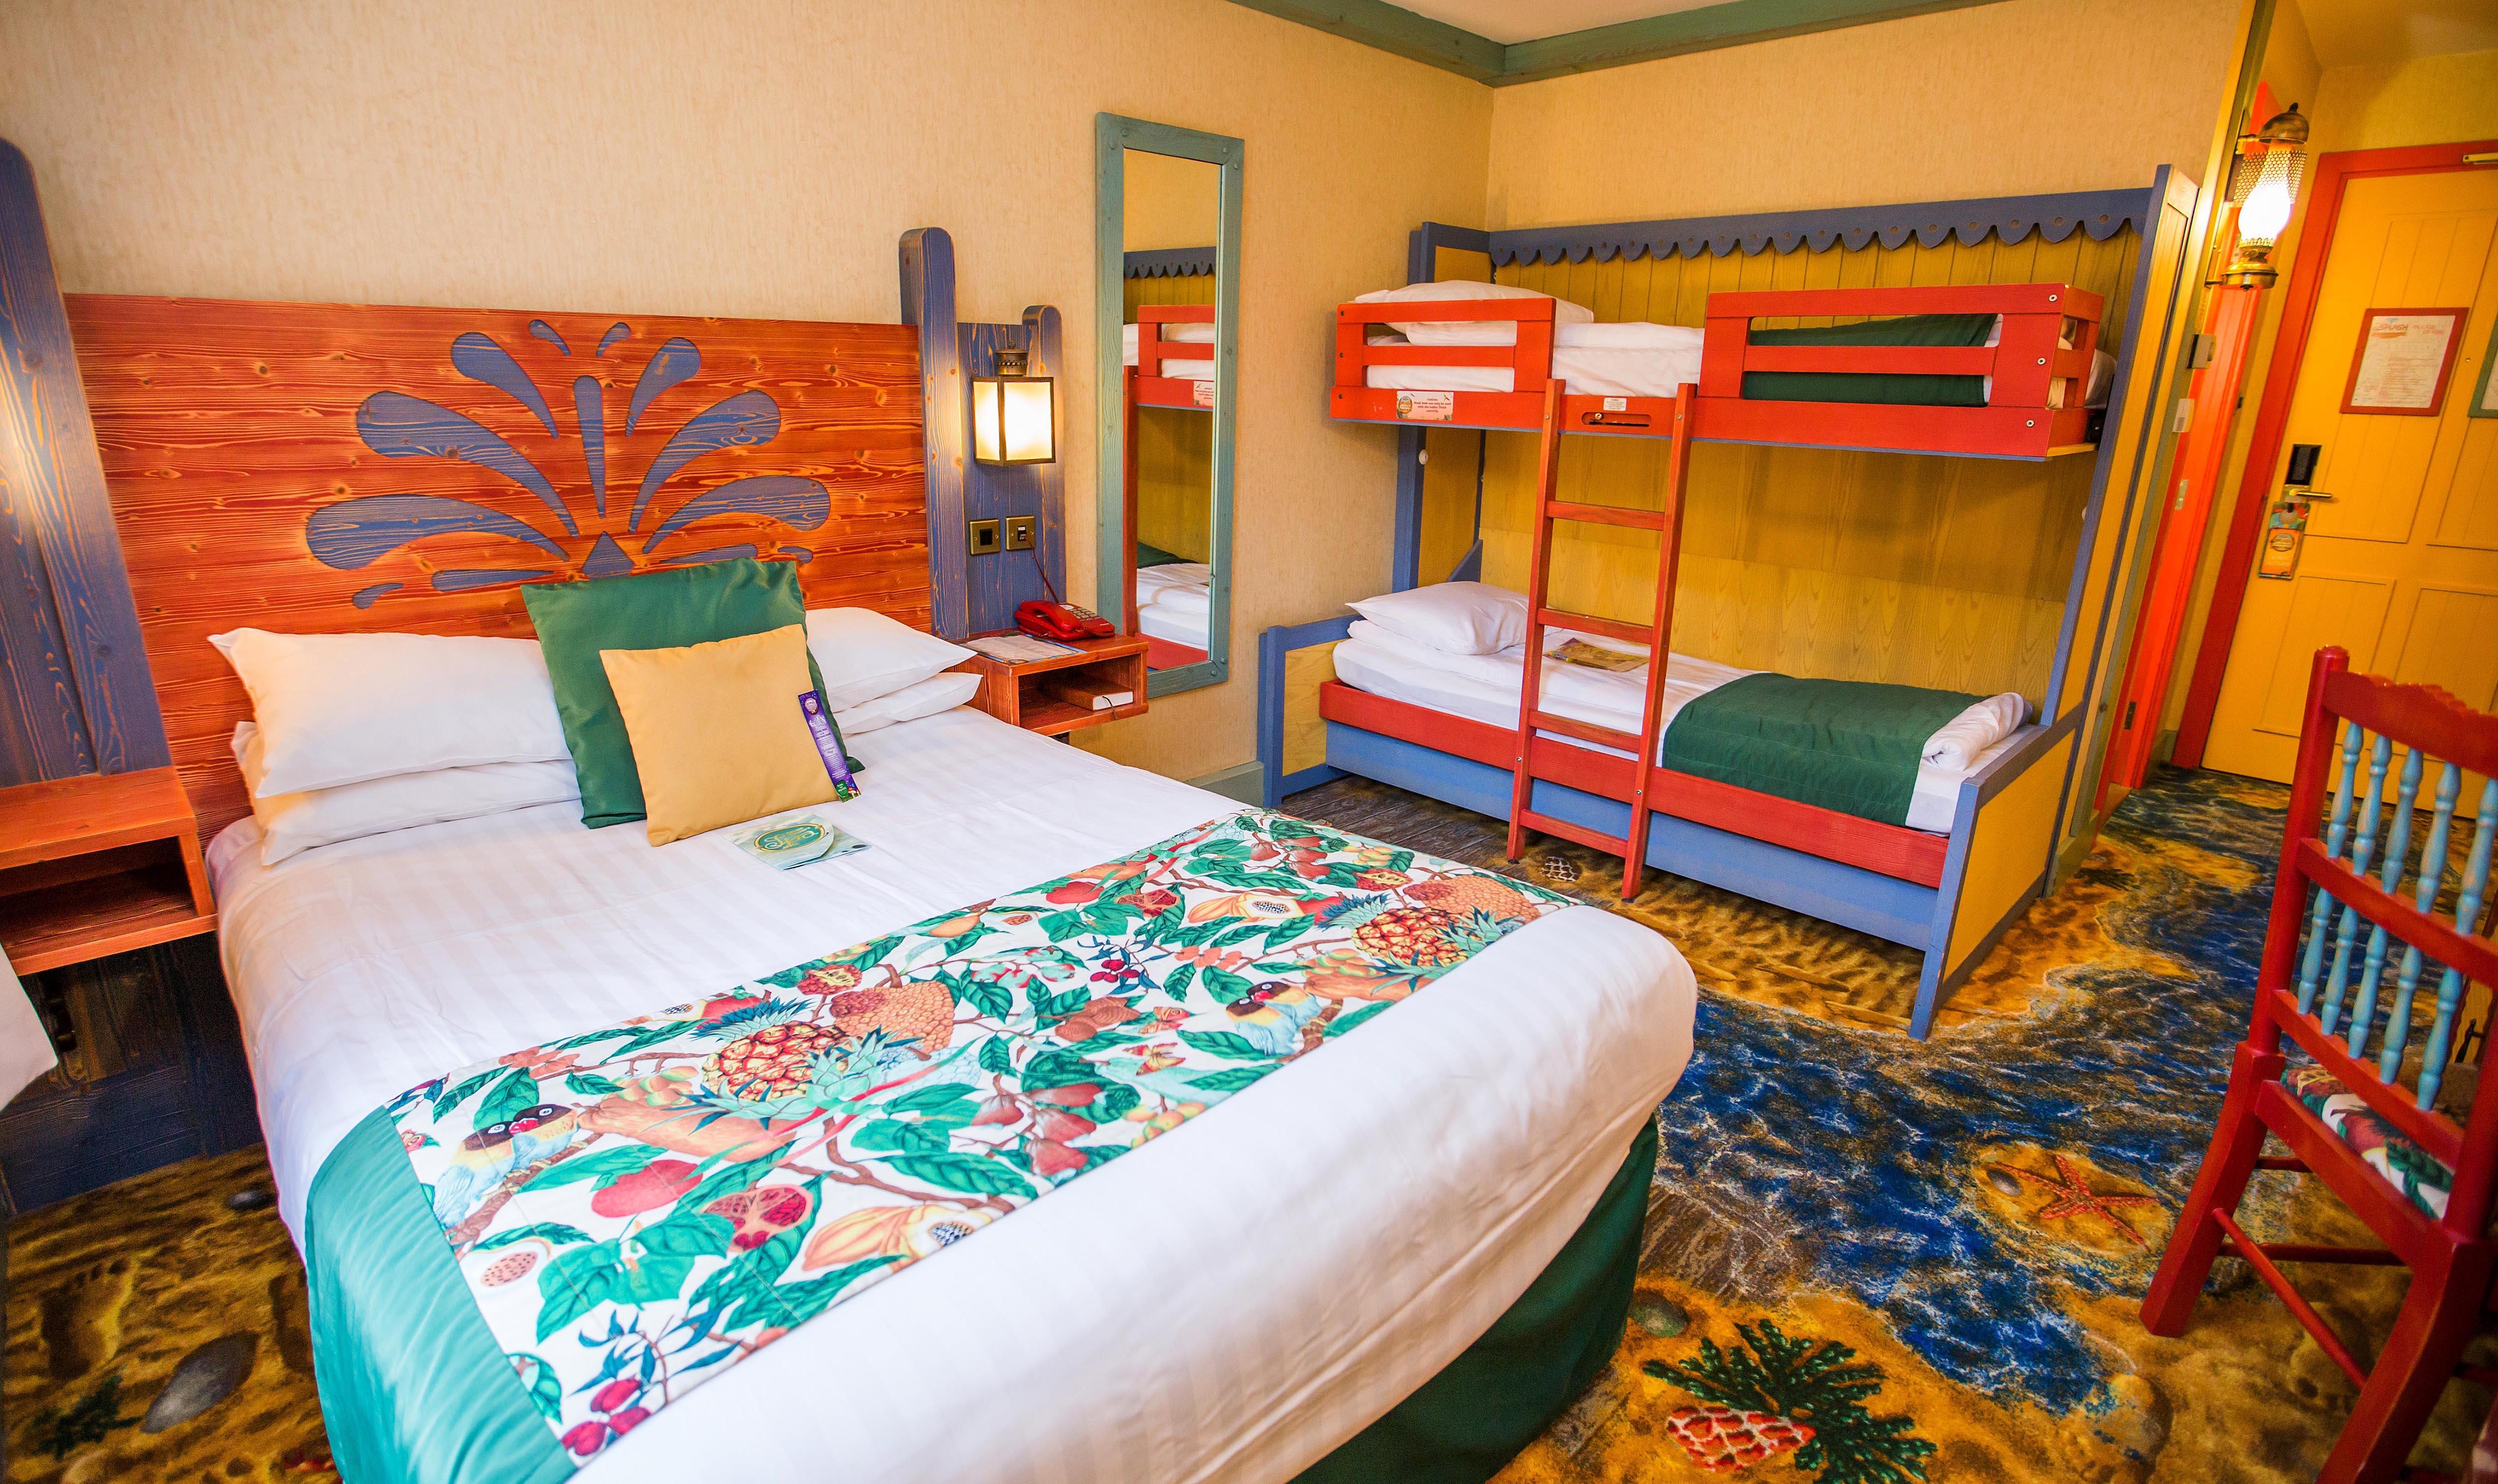 Splash Landings Hotel Rooms